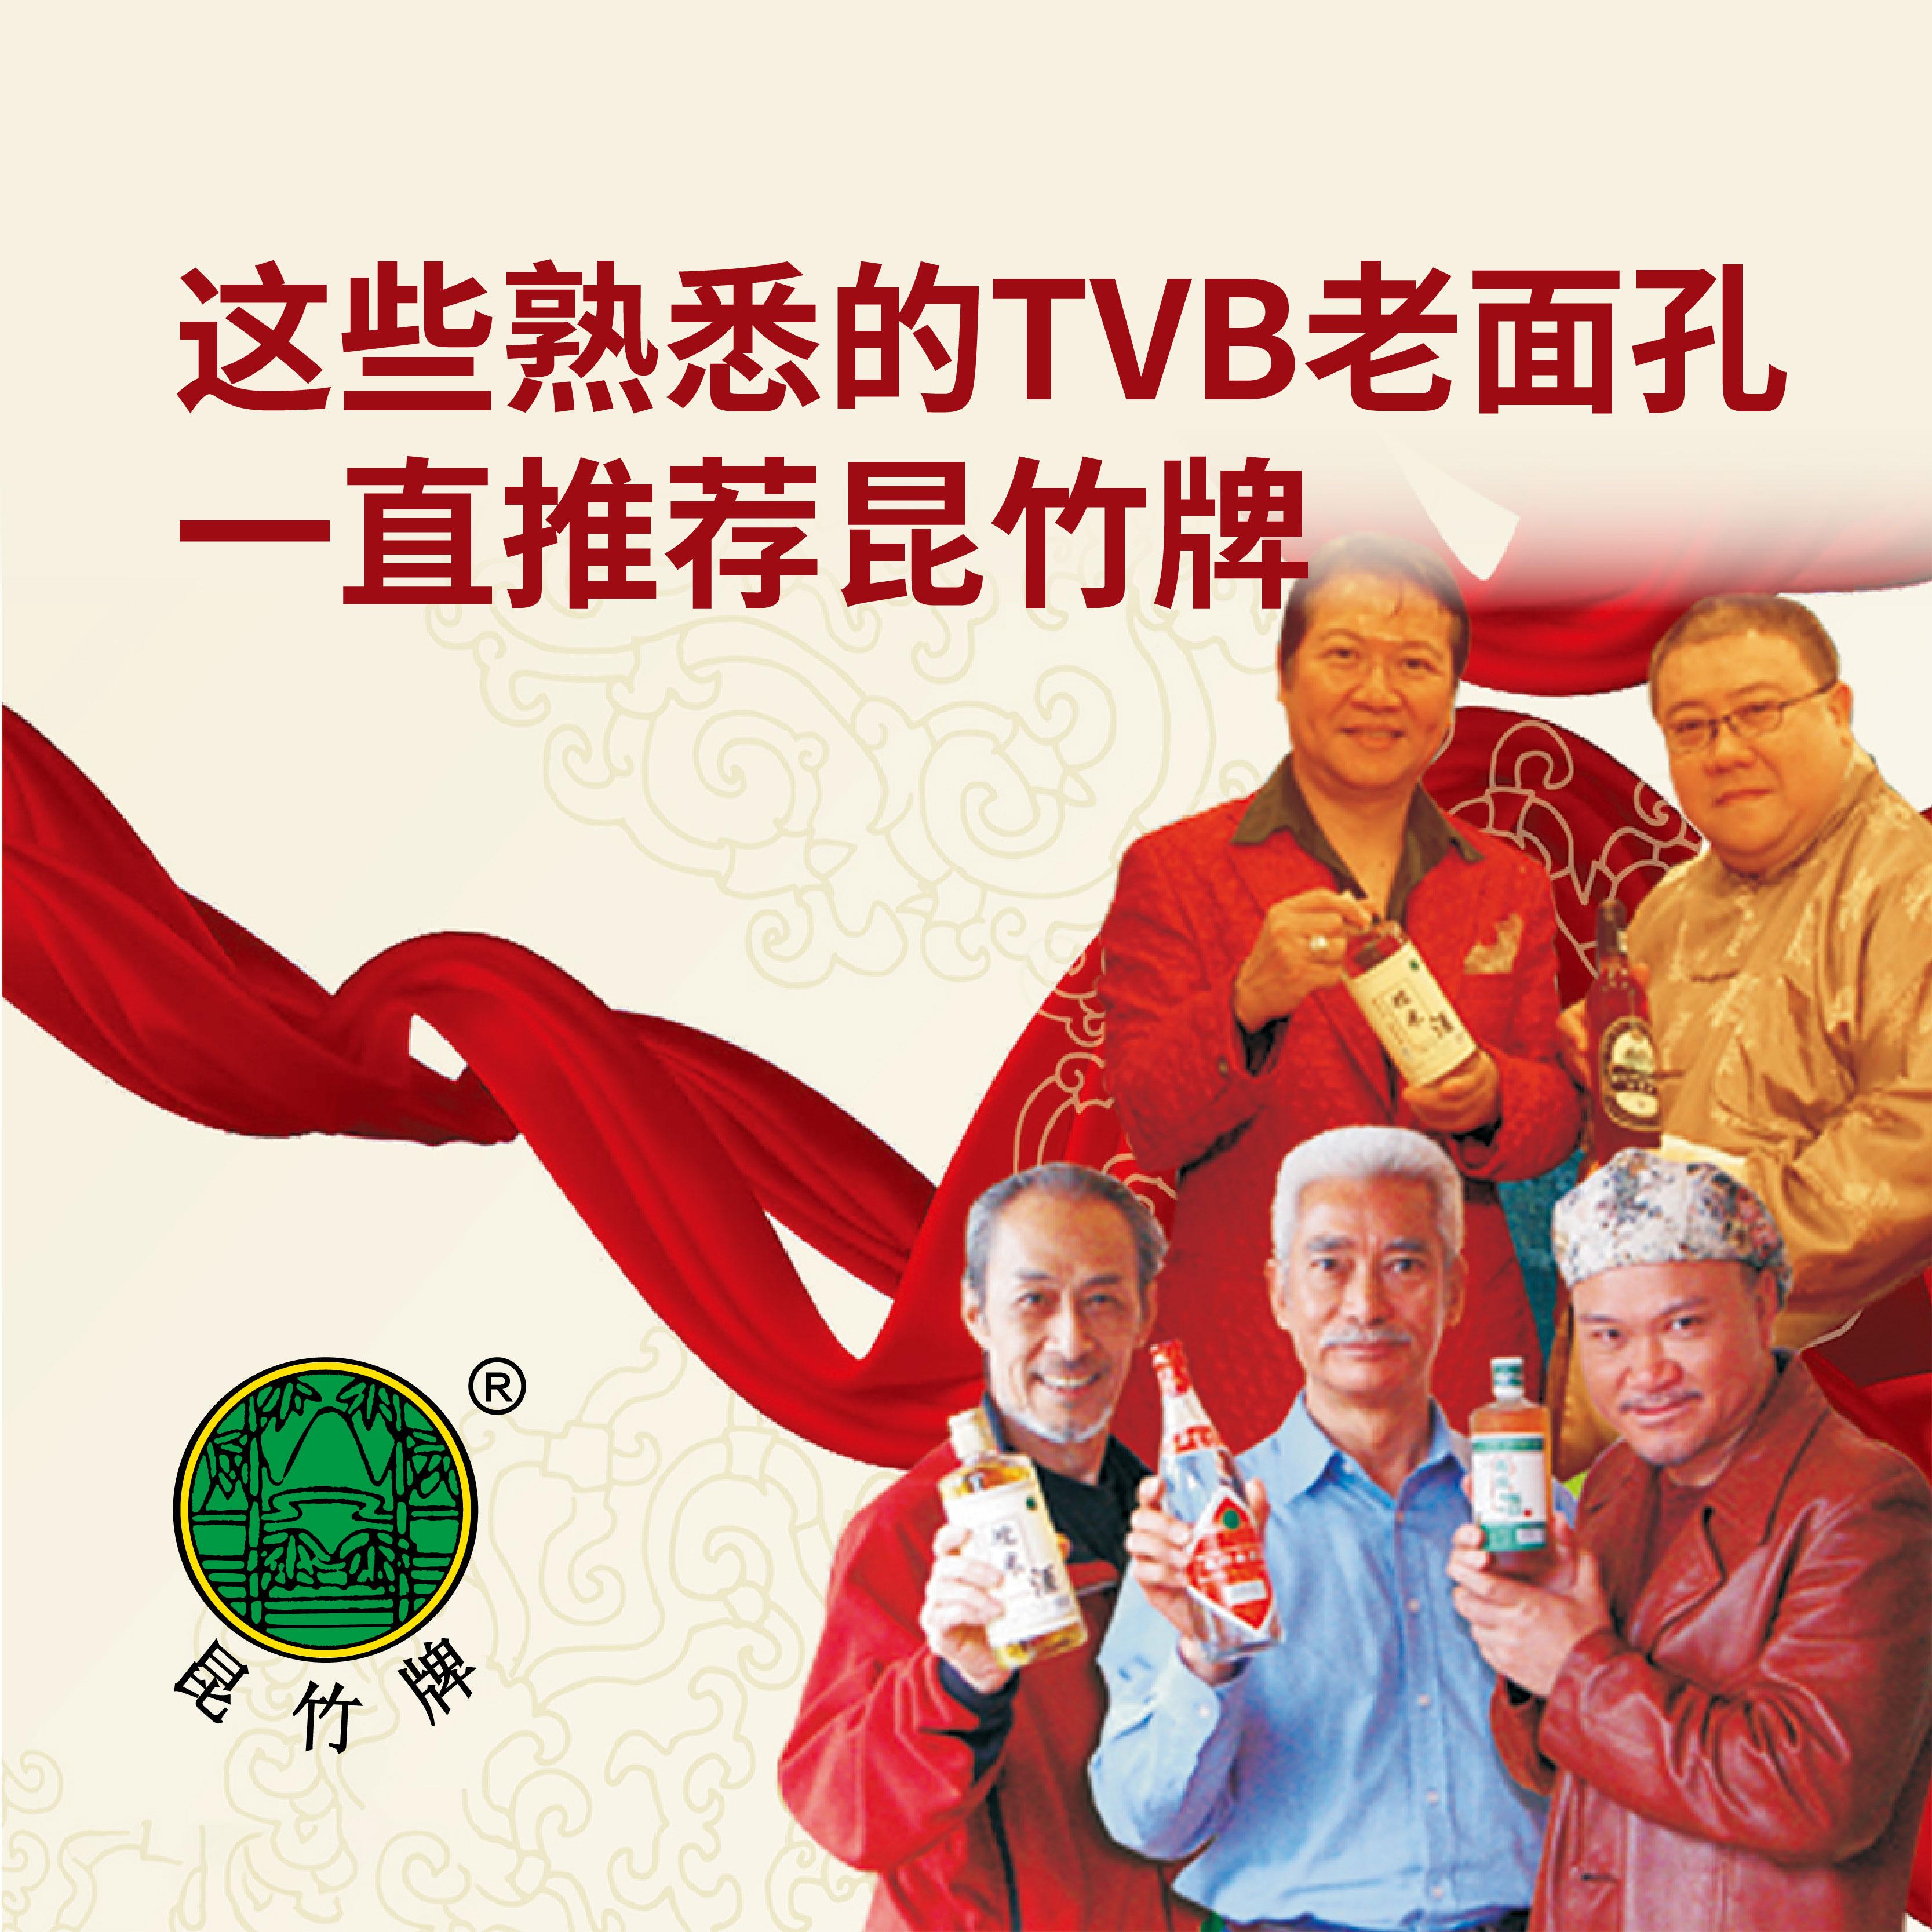 厂家直销 450ml 月子黄酒广东客家特产 女低度甜酒 度 22 昆竹糯米酒